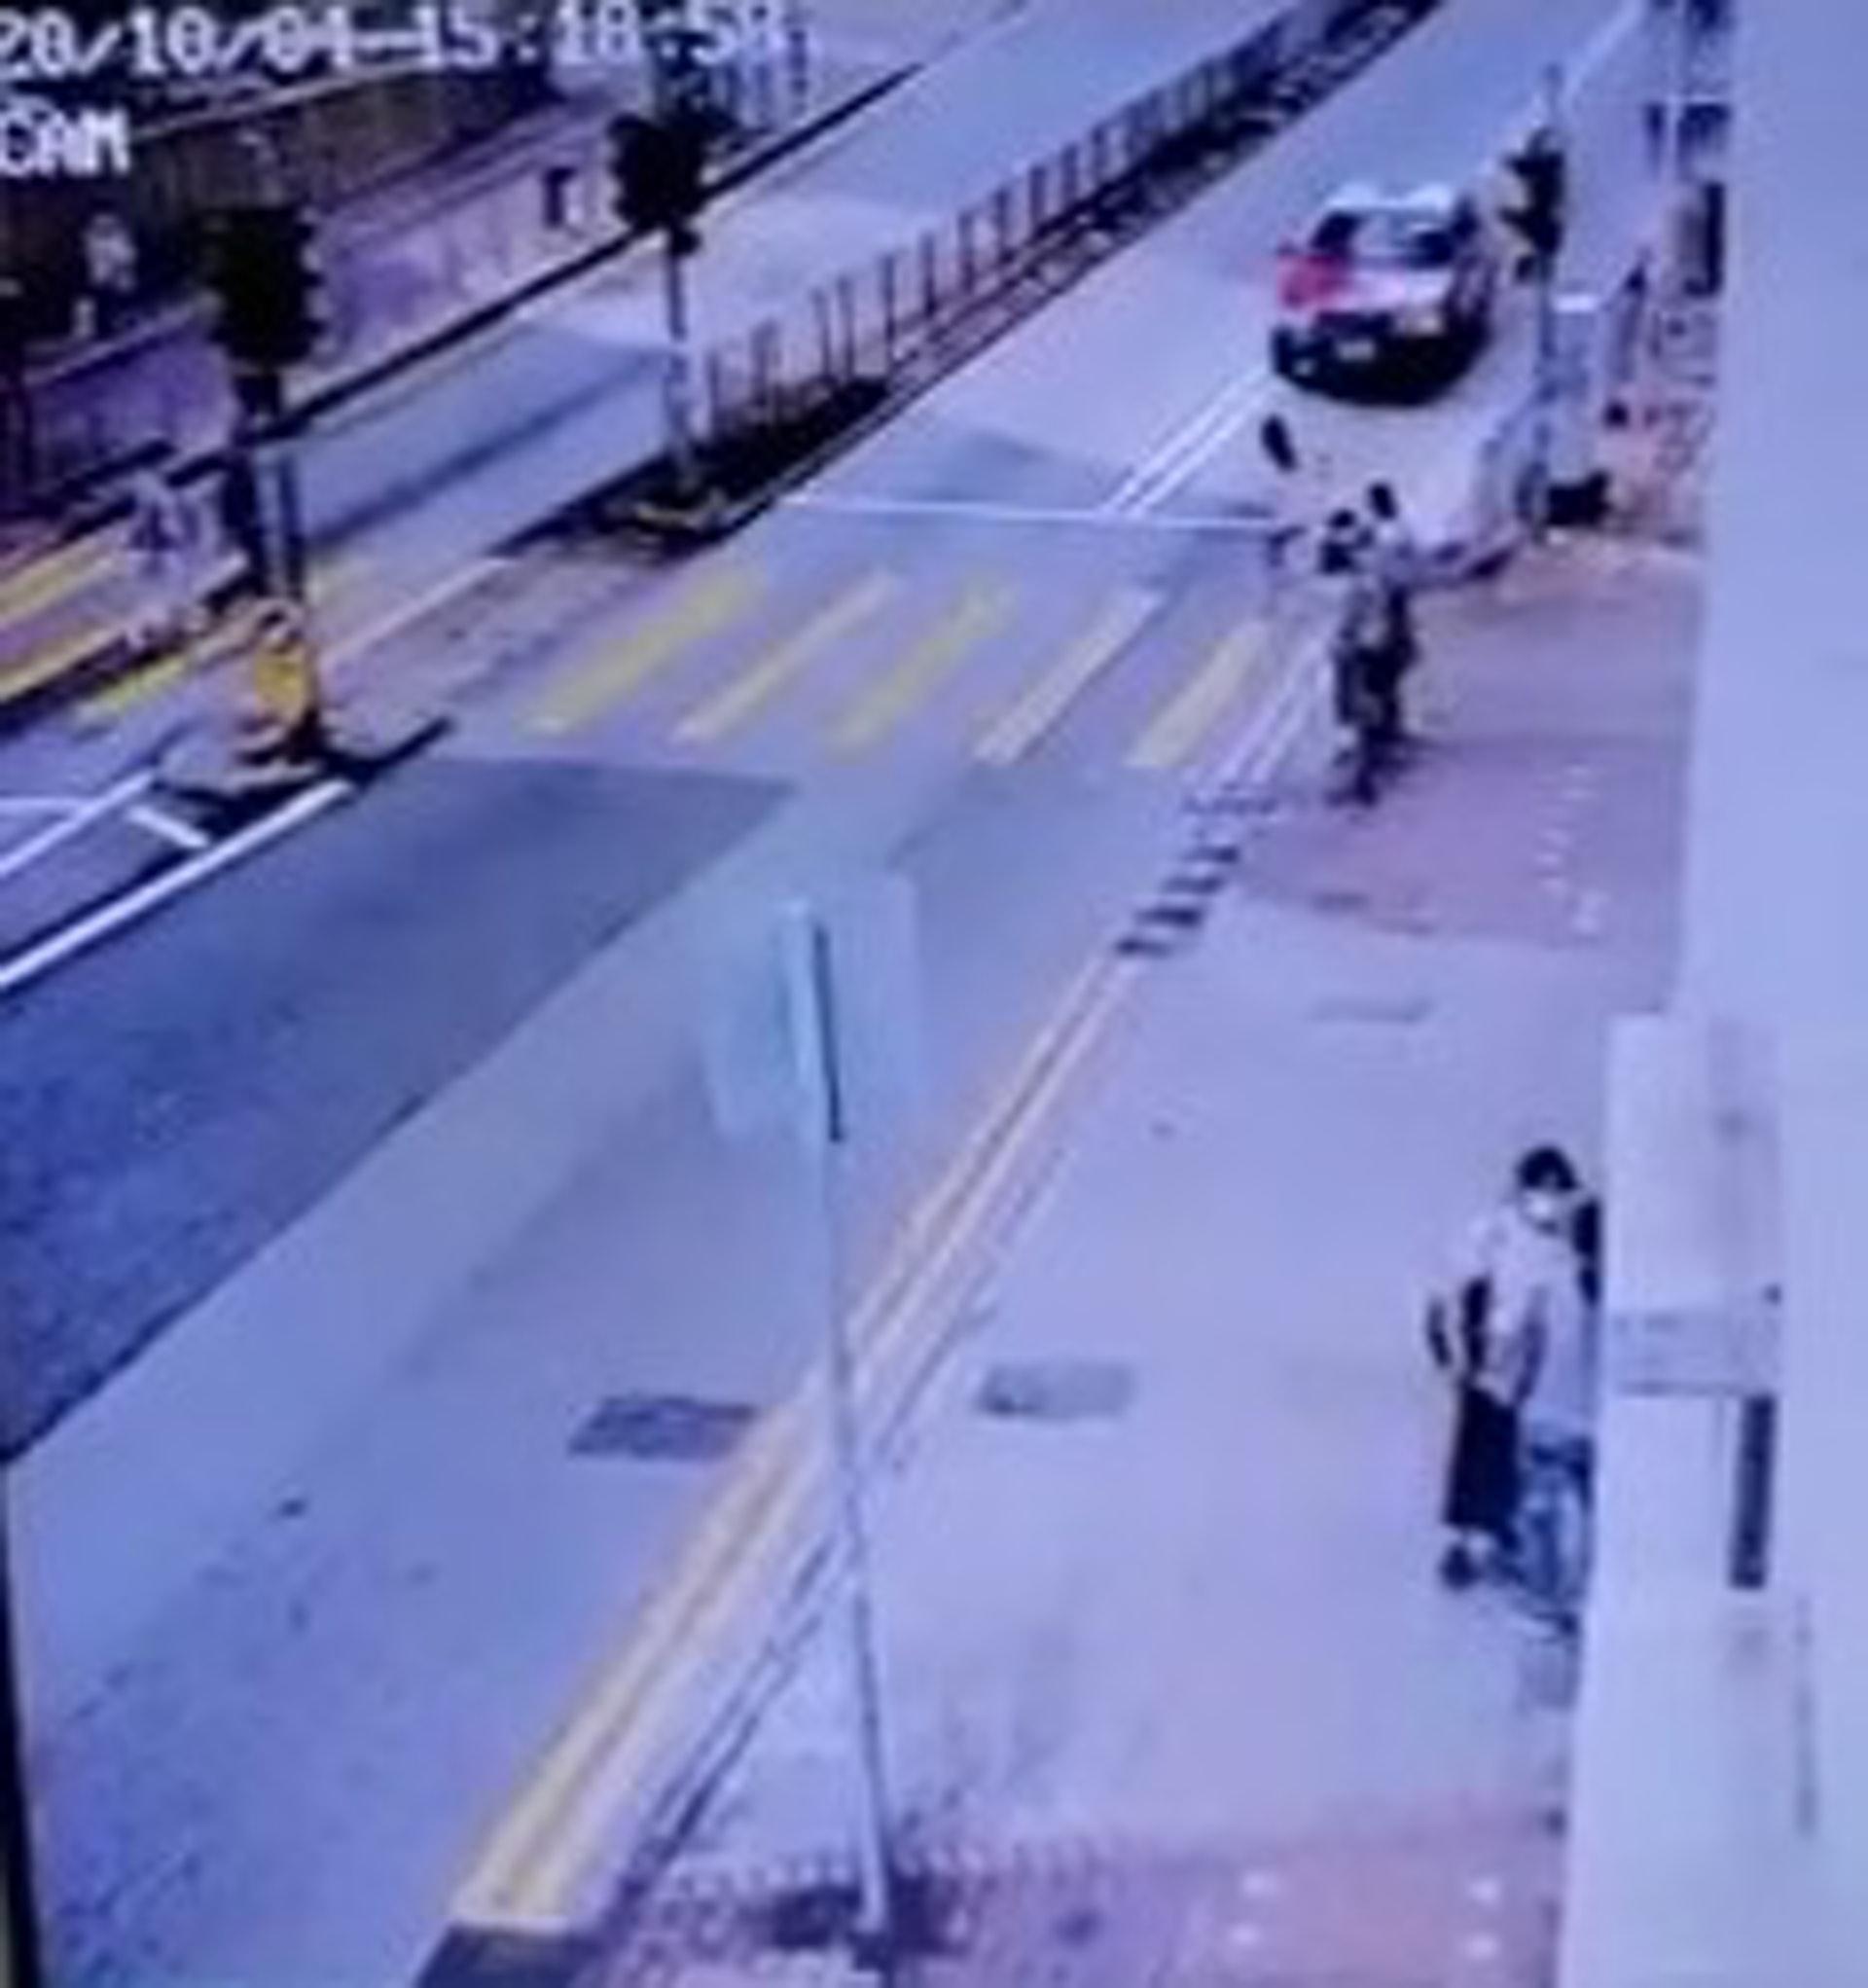 女事主步出過路時,涉案的士疑越雙白線駛至。(網上影片截圖)